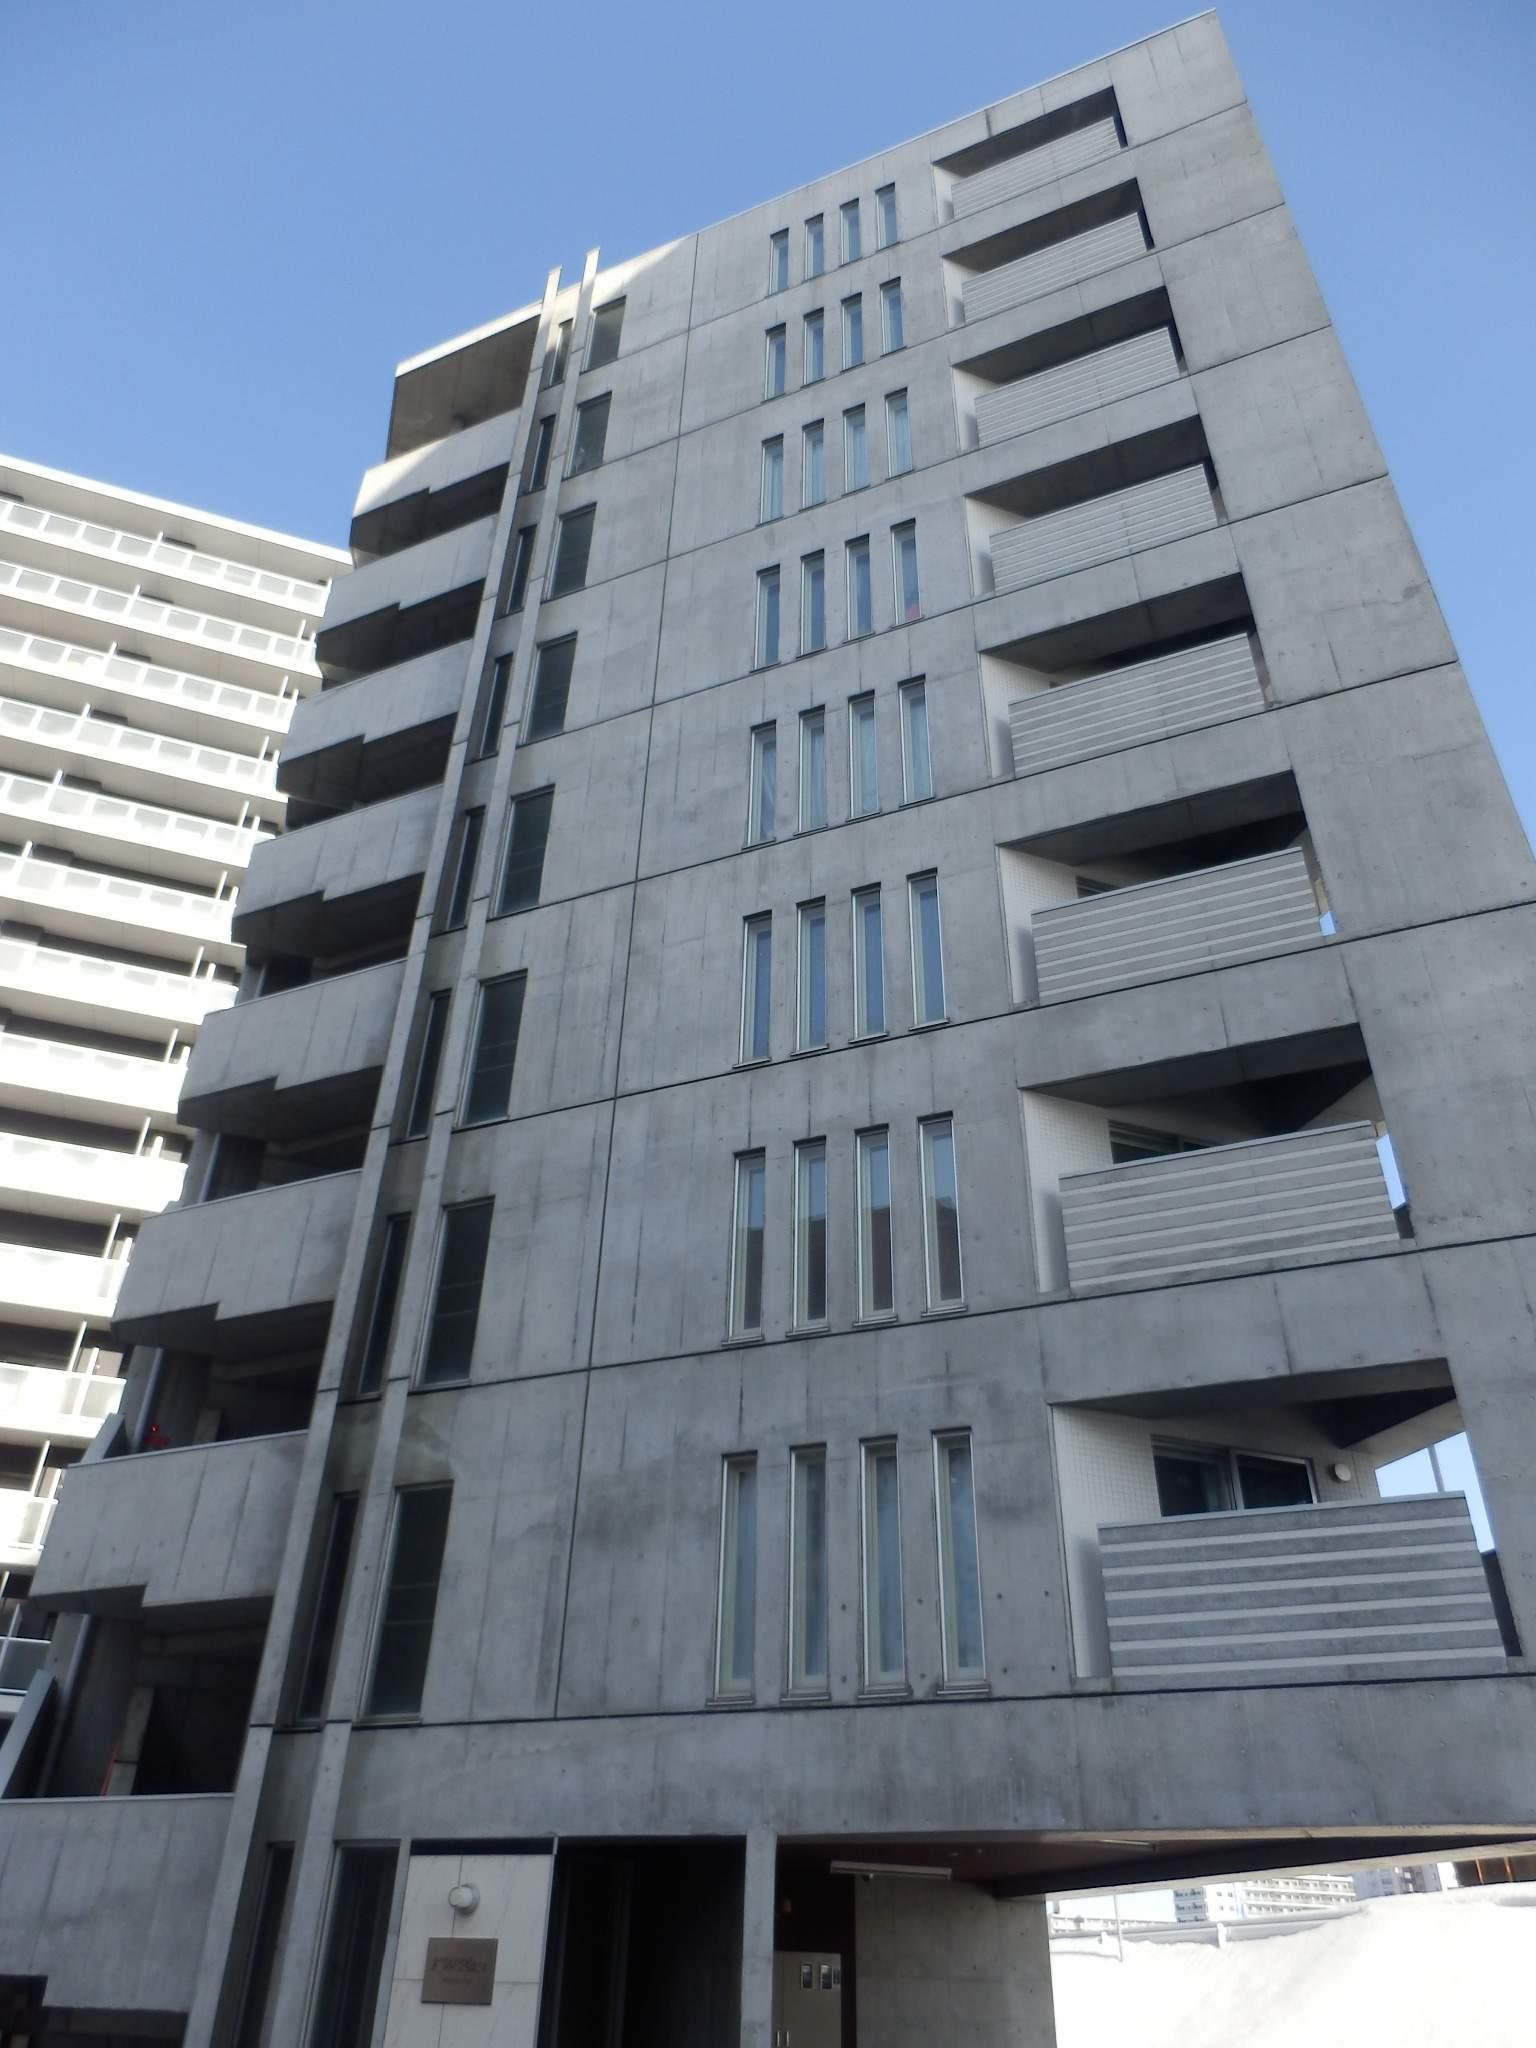 北海道札幌市中央区、バスセンター前駅徒歩11分の築11年 9階建の賃貸マンション